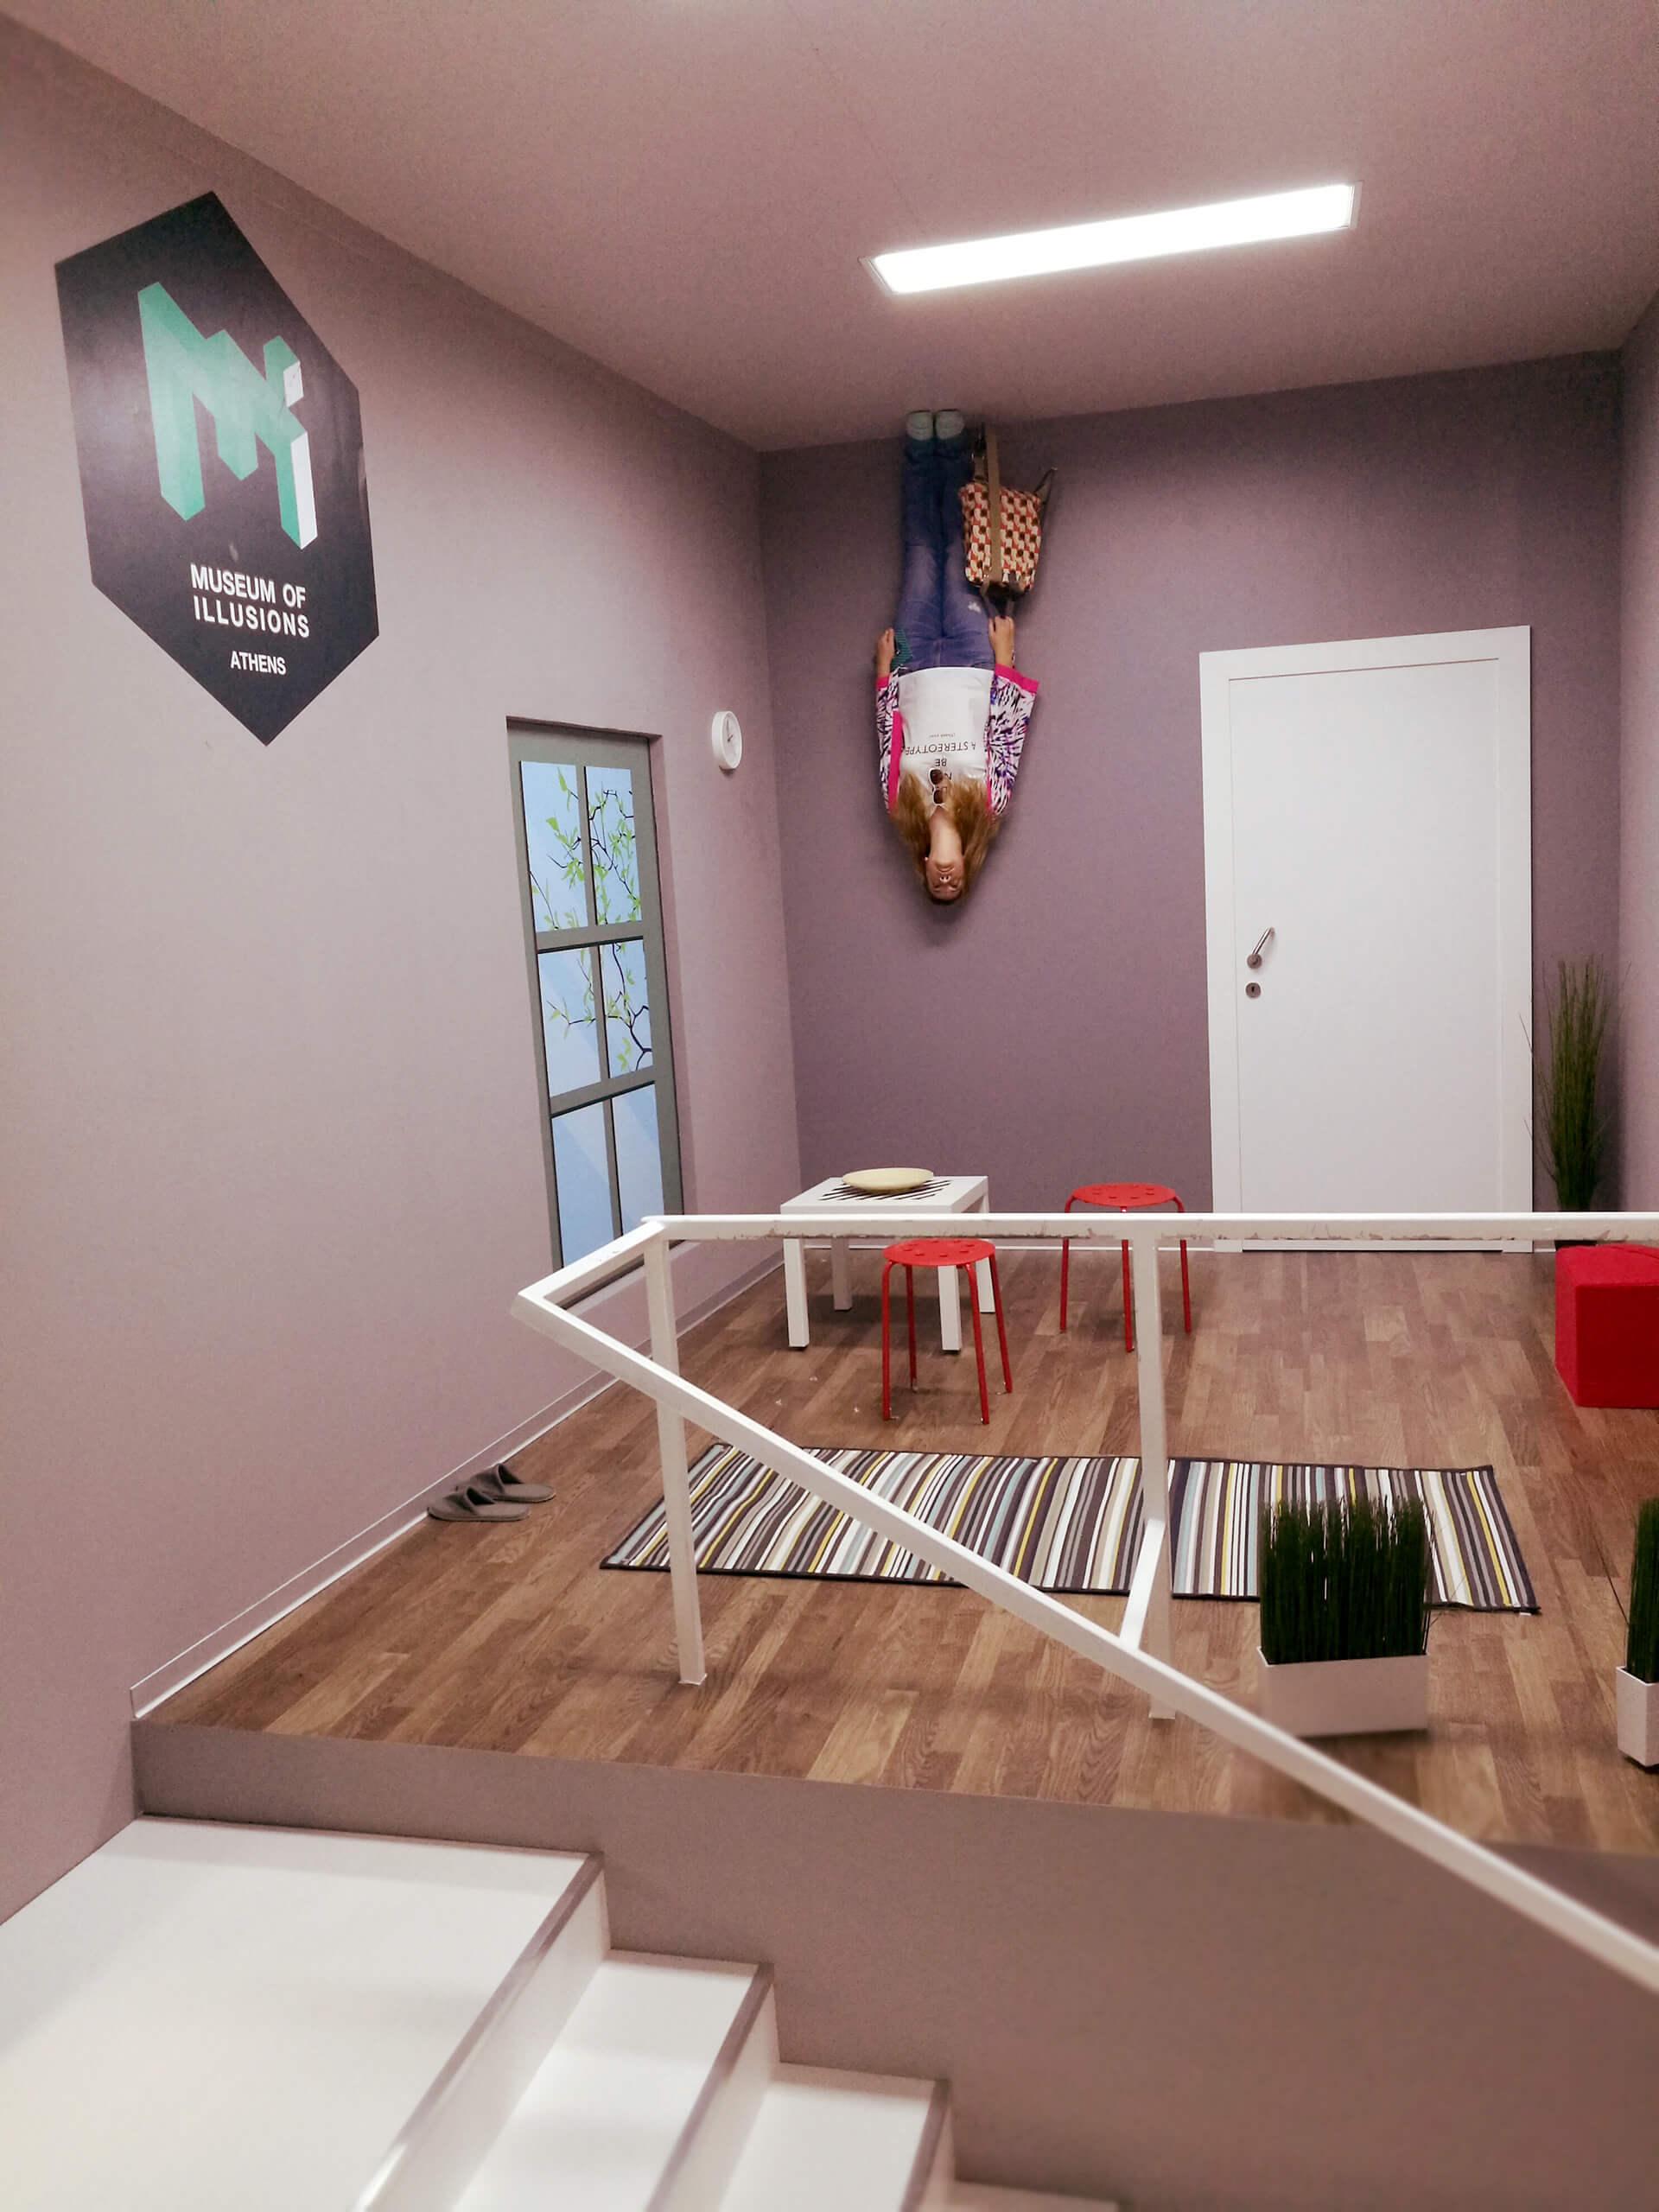 Museum of Illusions 1